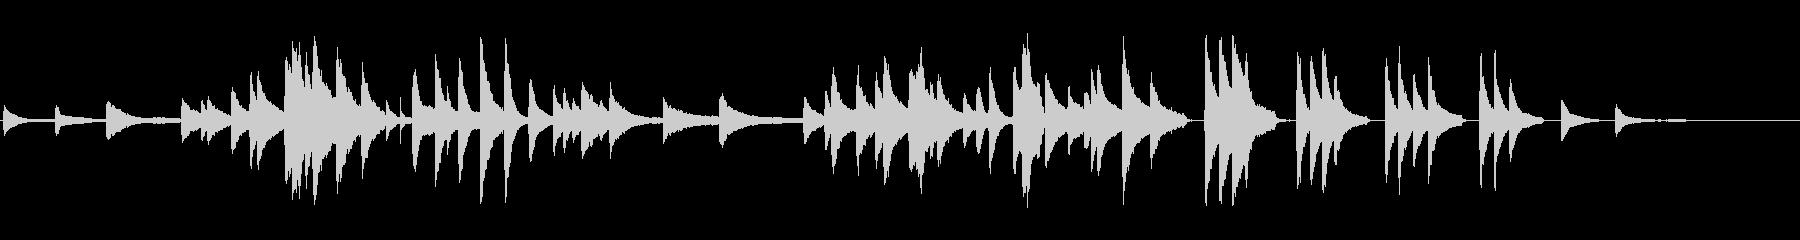 告別 第一楽章 序奏 ベートーヴェンの未再生の波形